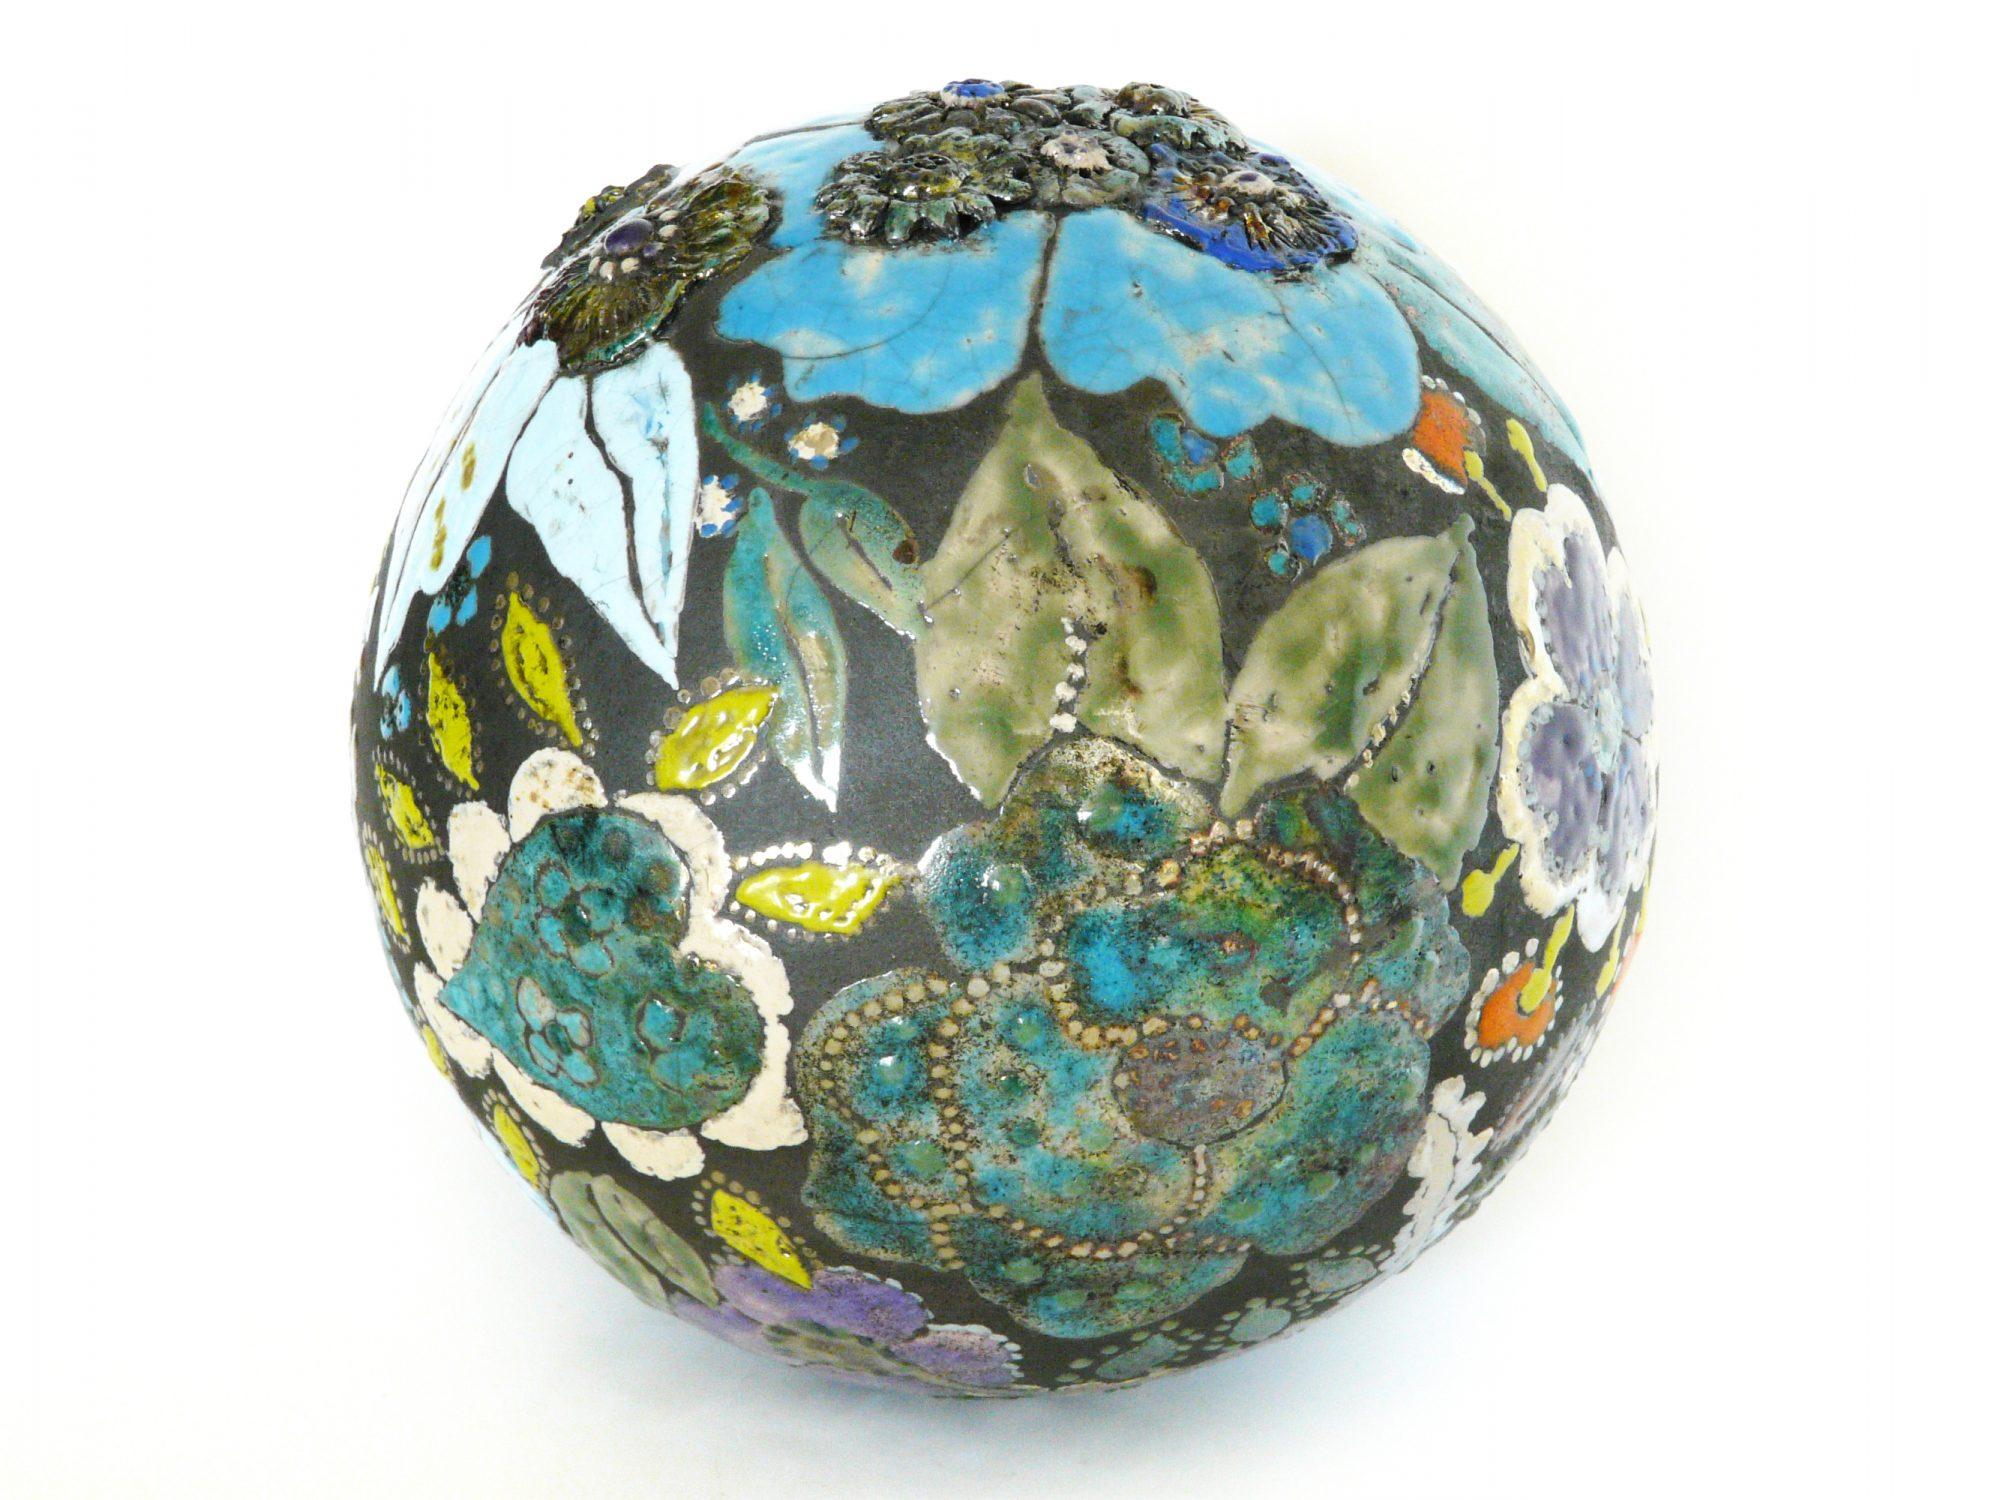 Moon de printemps - ø : 24 cm - Grès - Raku - Relief - Oxydes - Sculptures céramique de Florence Lemiegre